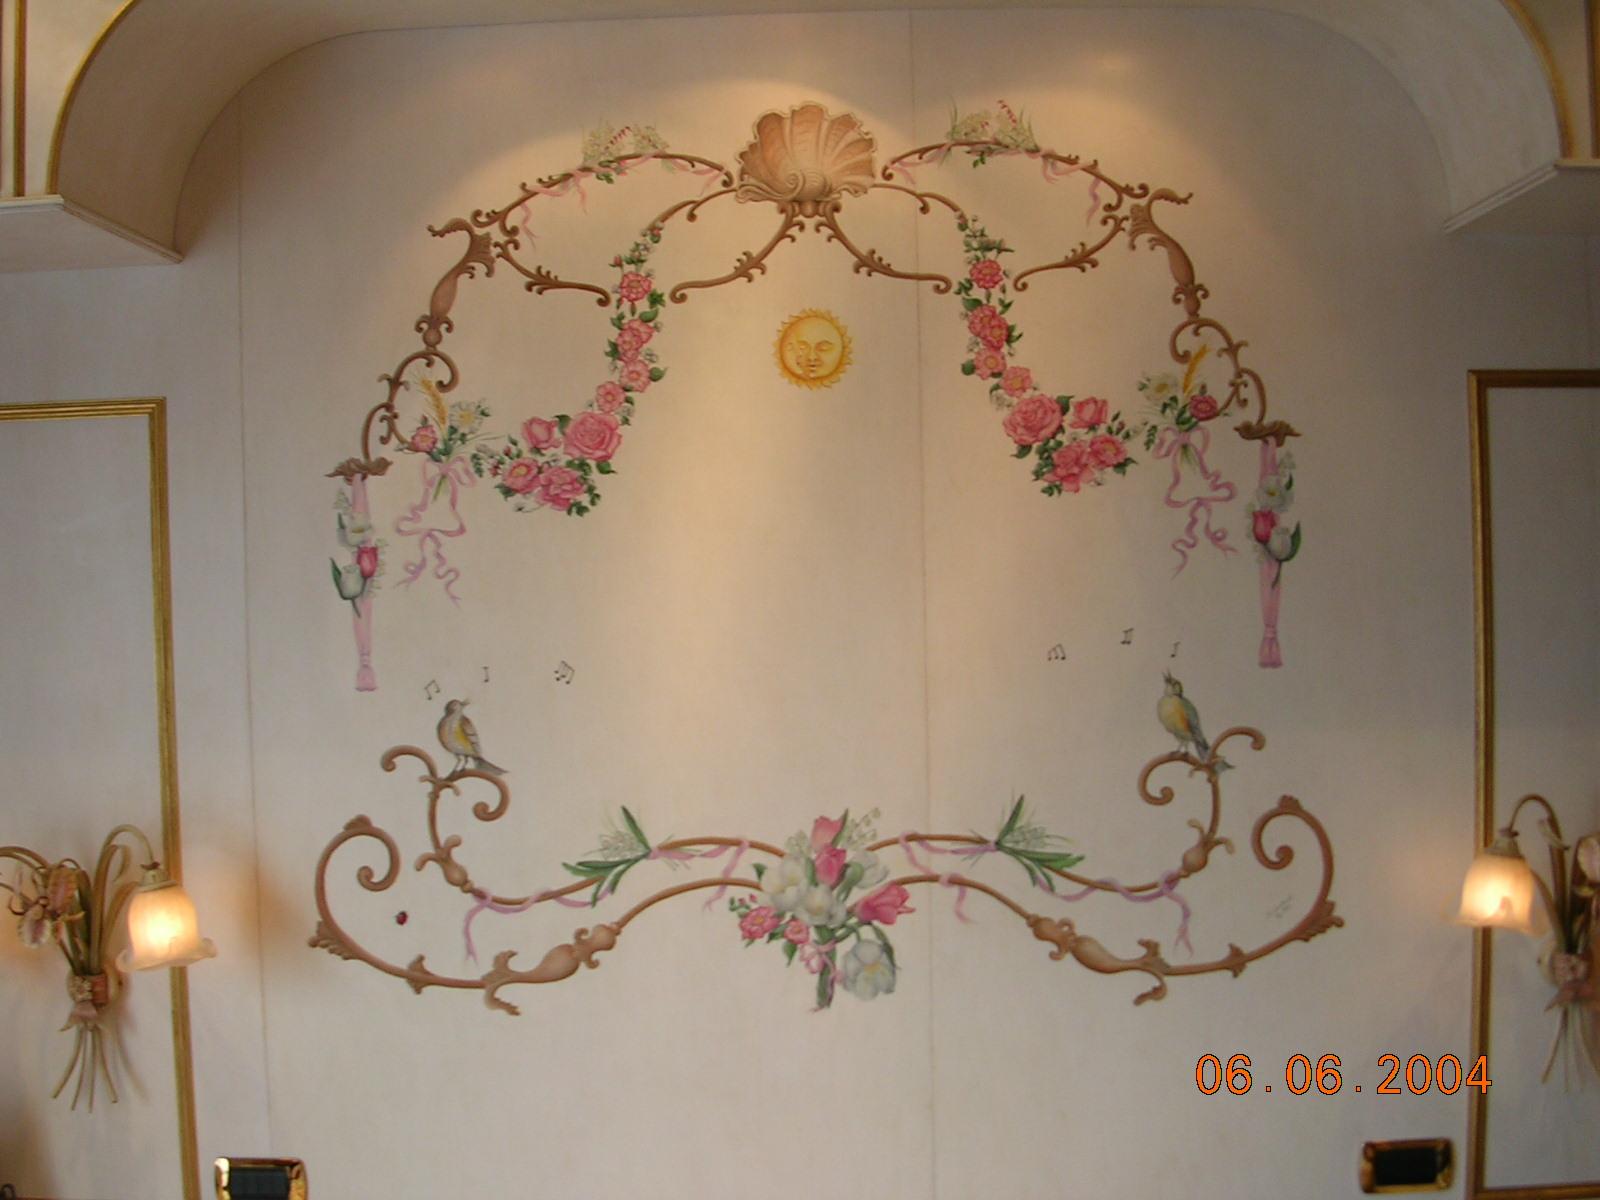 Decorazione di interni - Trompe l'oeil - Camera da letto - pittura - olio su legno